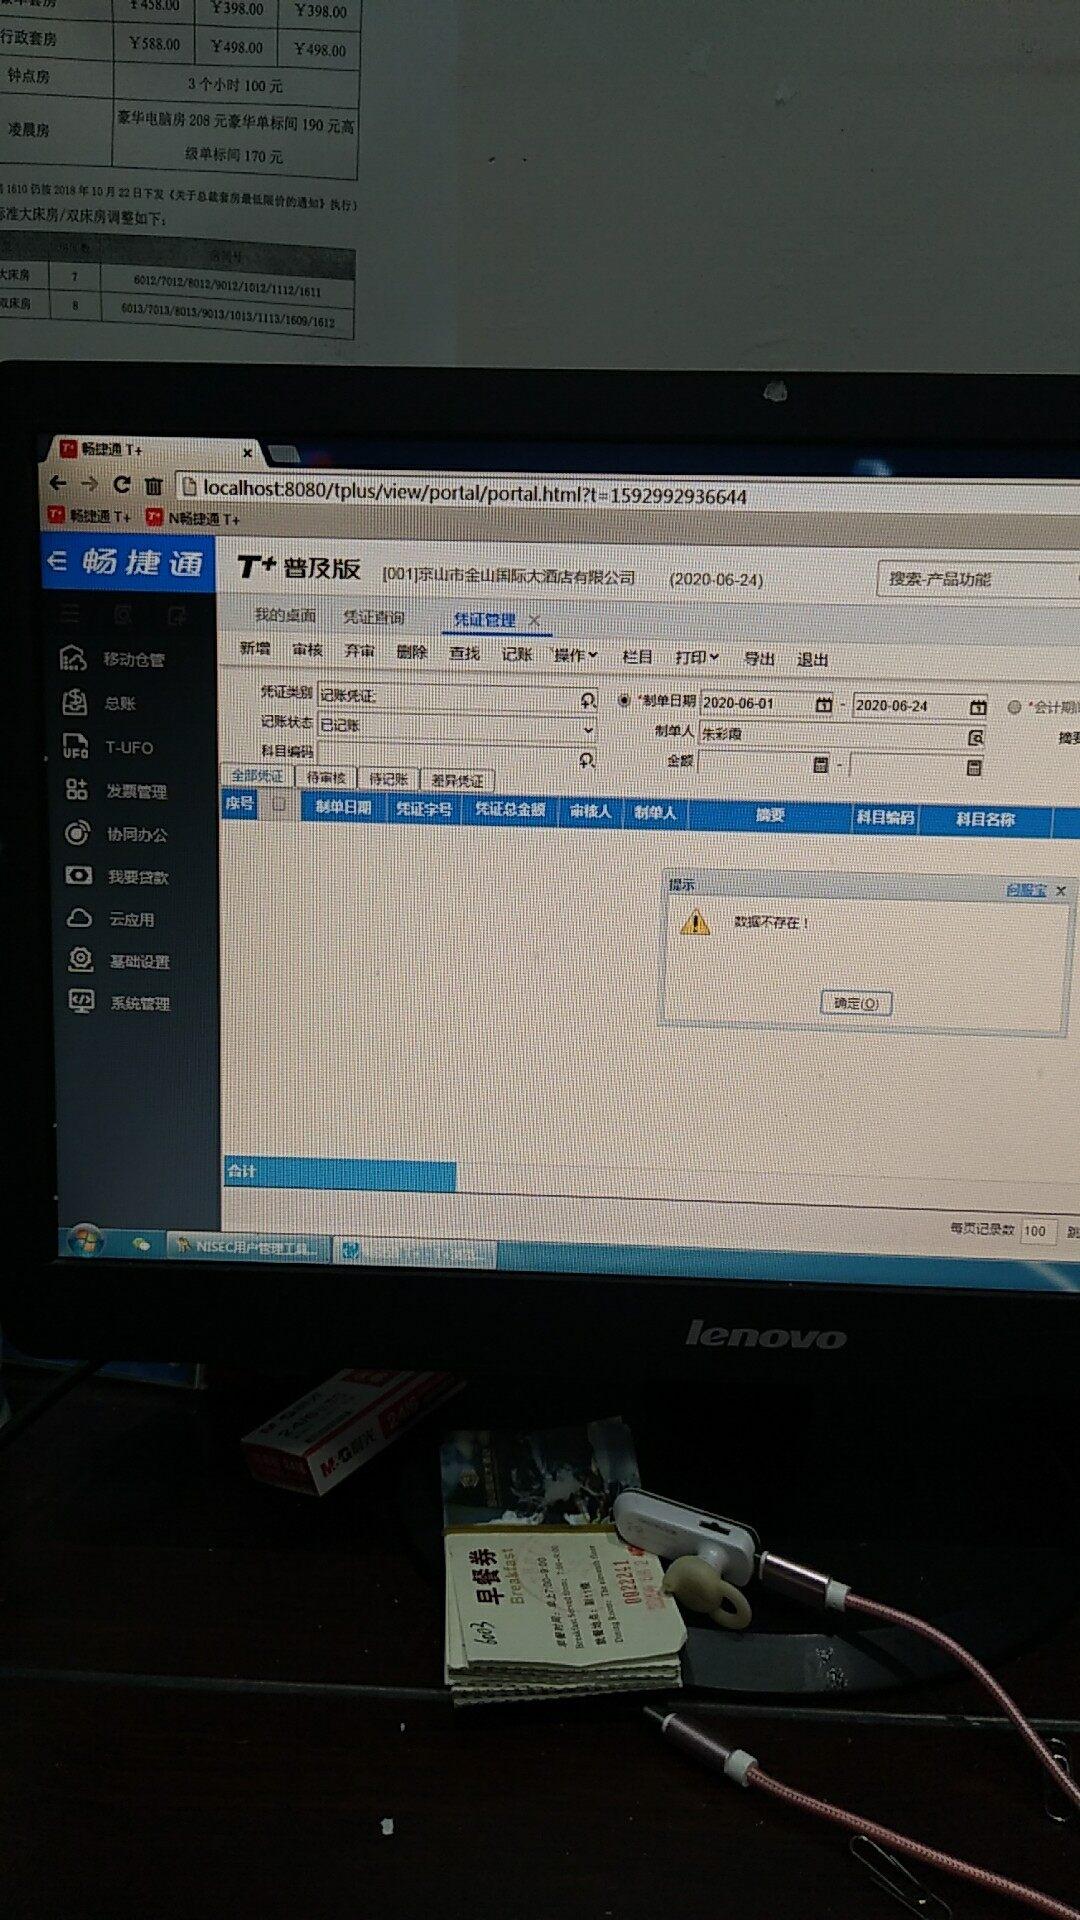 老师,请问怎么样查朱会计的记账凭证。这是用主管的电脑登录上去的。